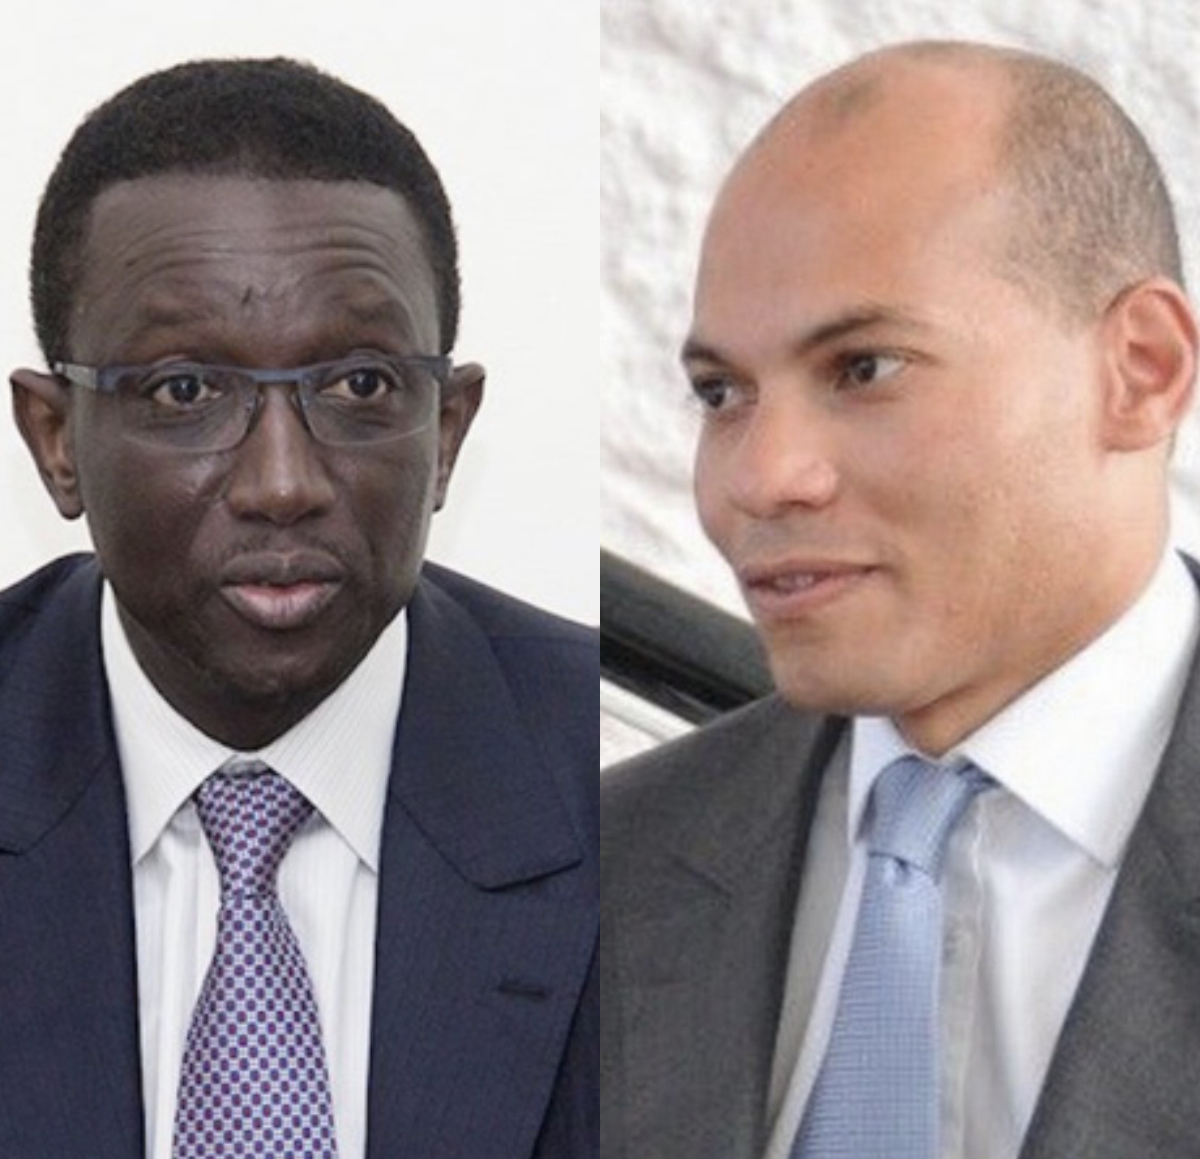 Présentation du 5e rapport du Sénégal devant le Comité des Droits de l'Homme des Nations Unies : Polémique autour de la « réhabilitation » de Karim Wade.